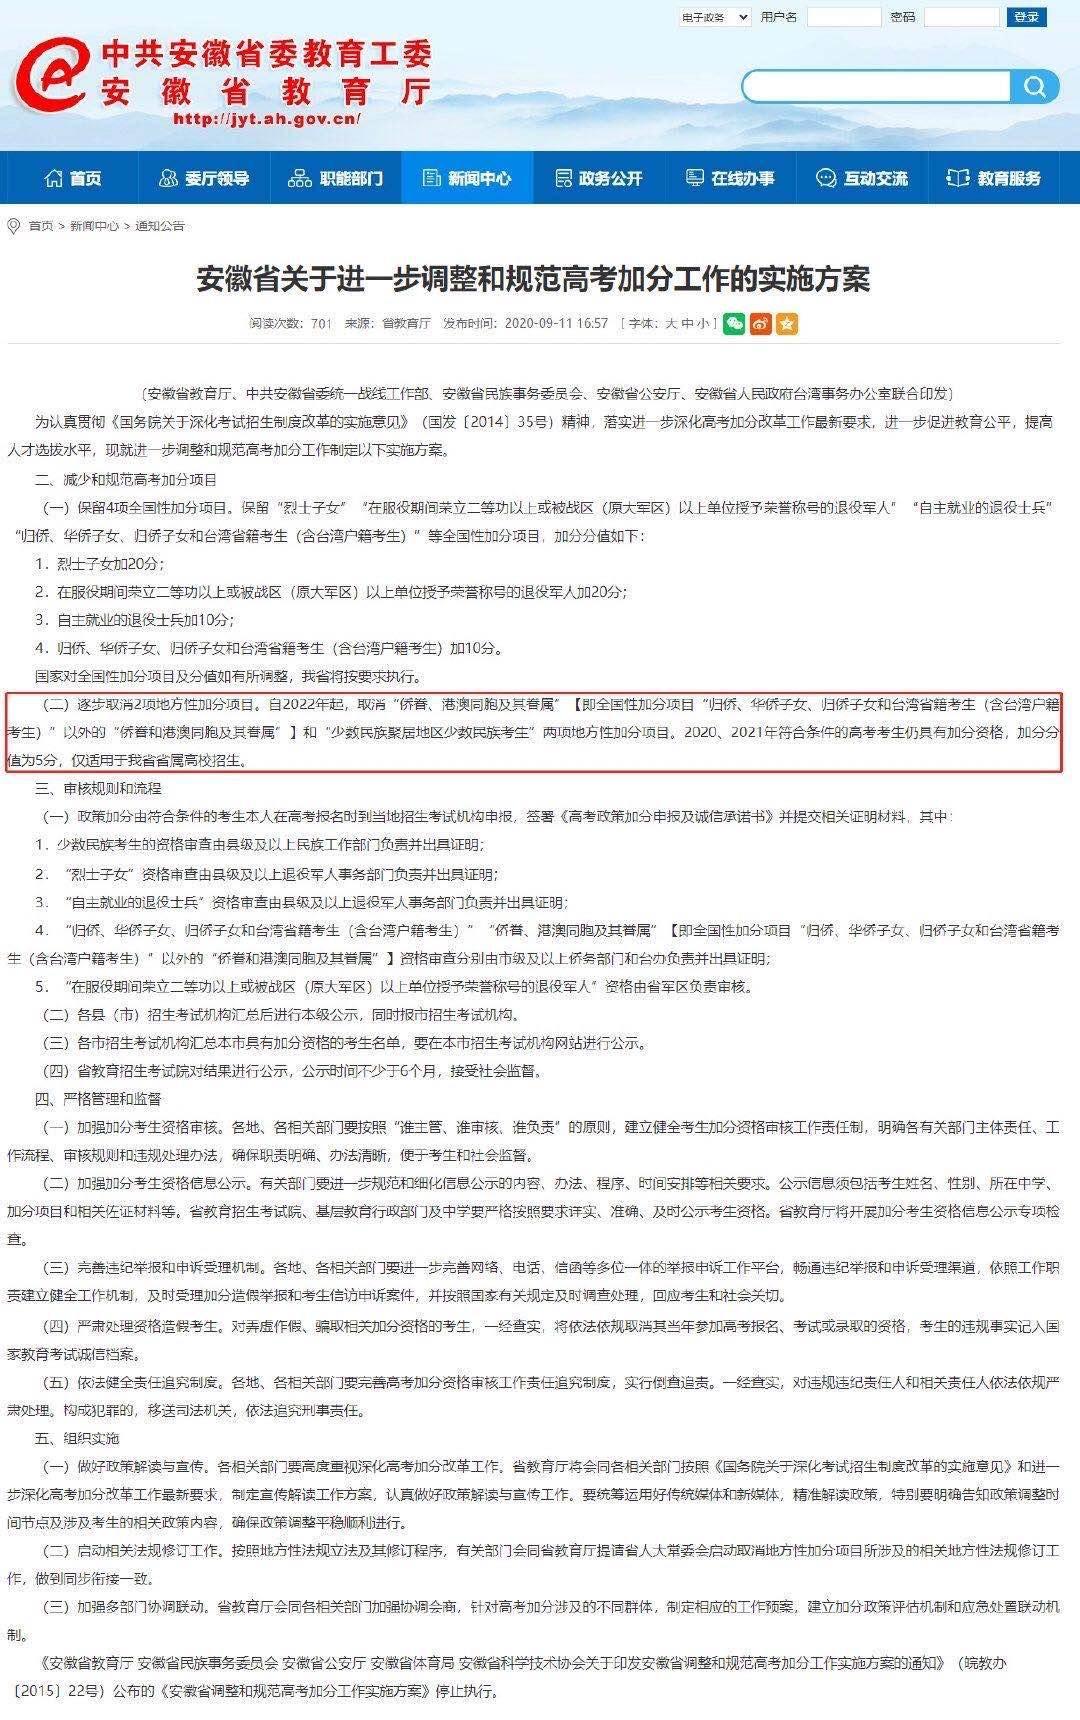 安徽2022年起高考取消地方性加分项目